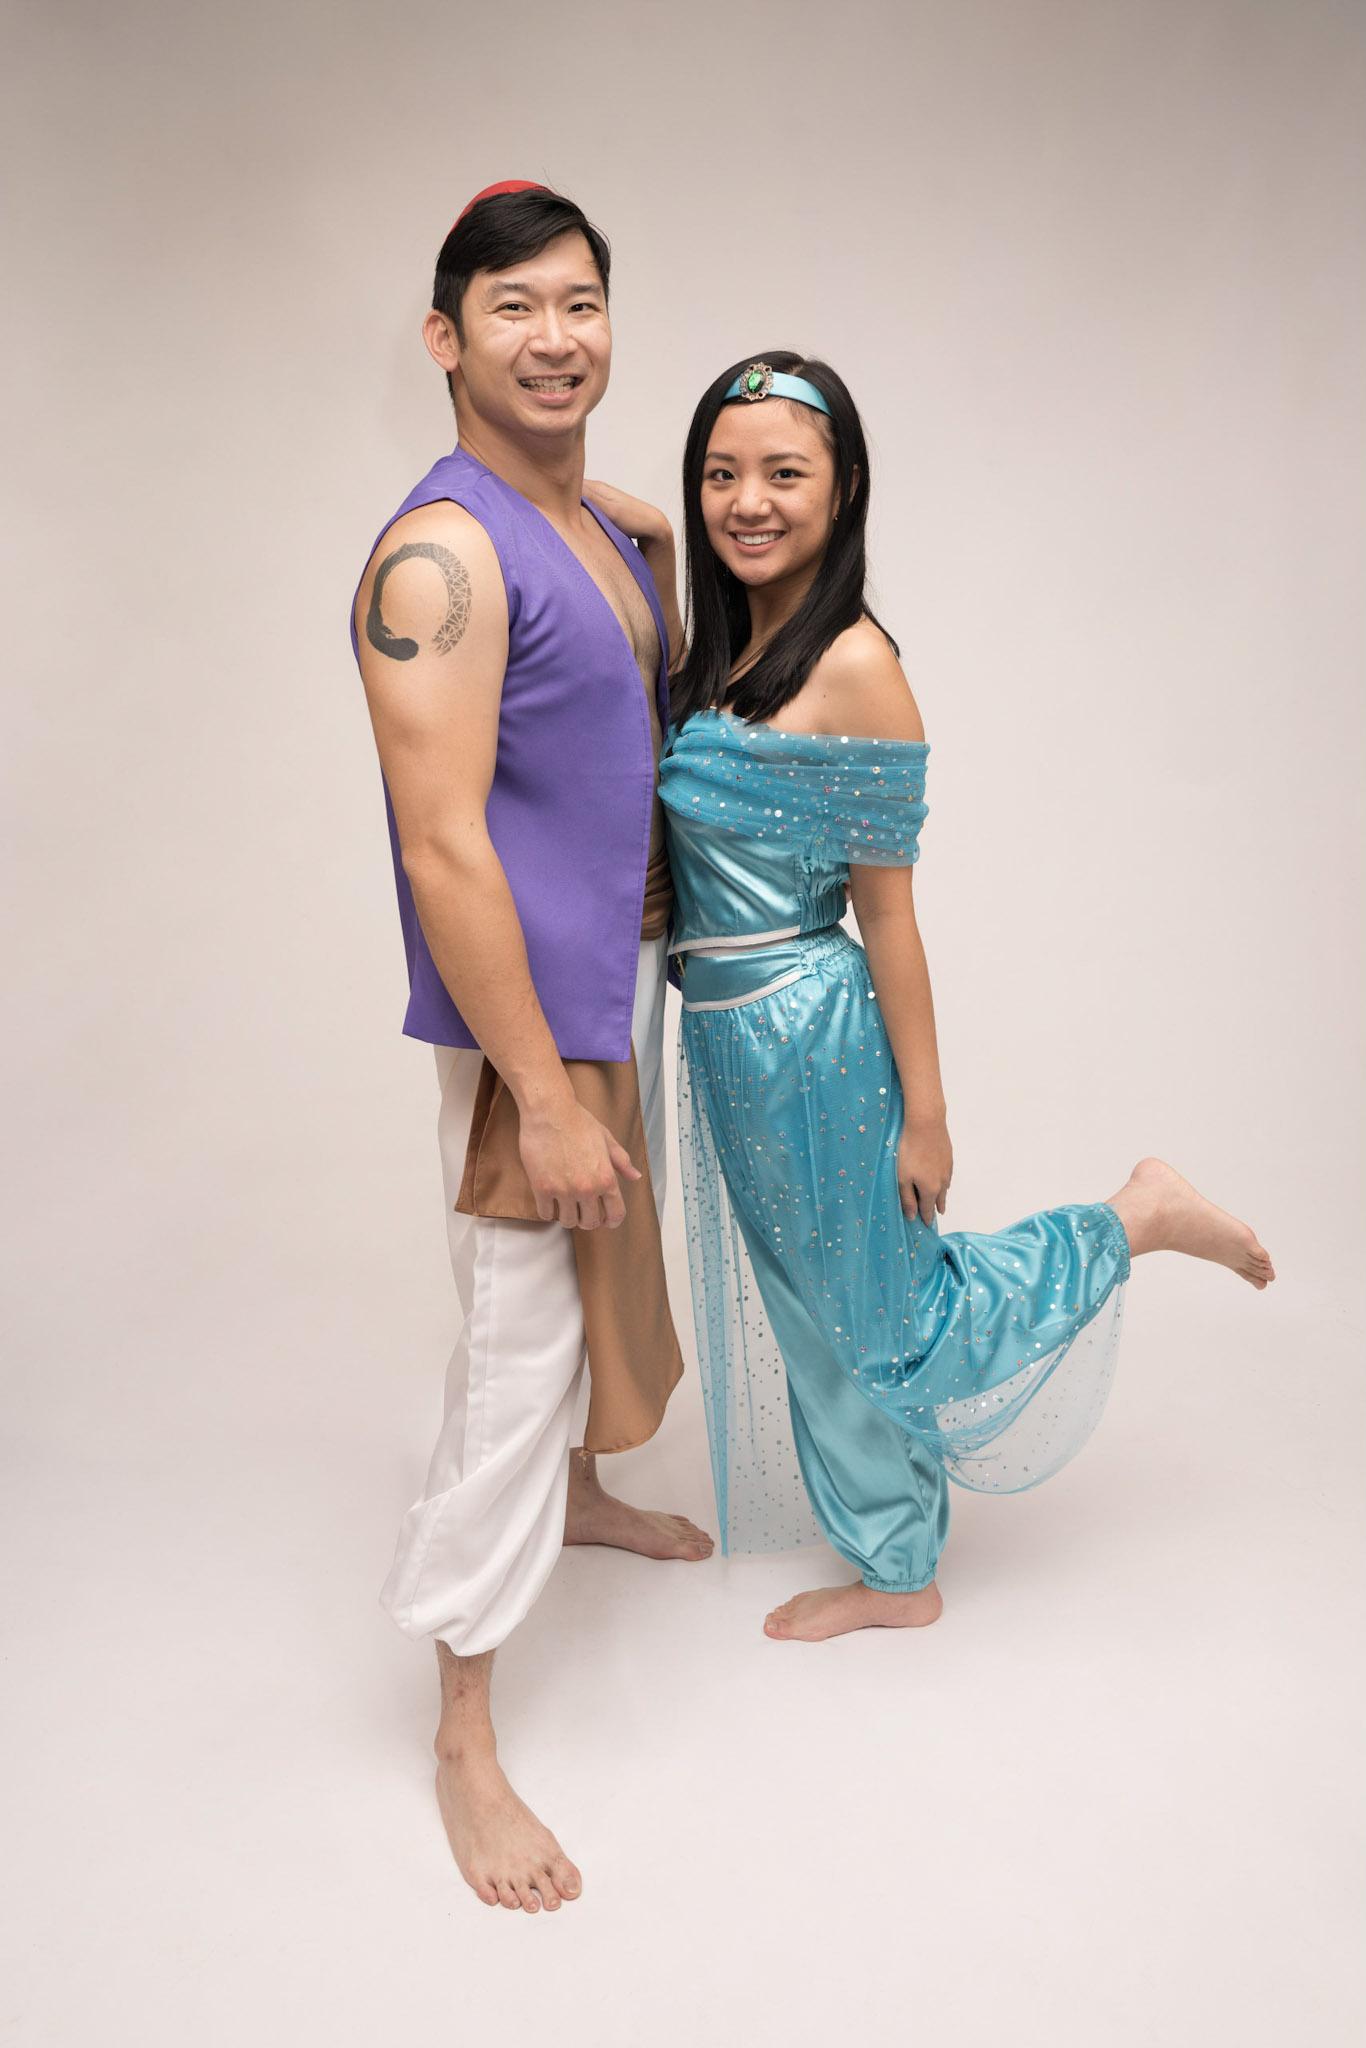 Disneys Aladdin and Jasmine